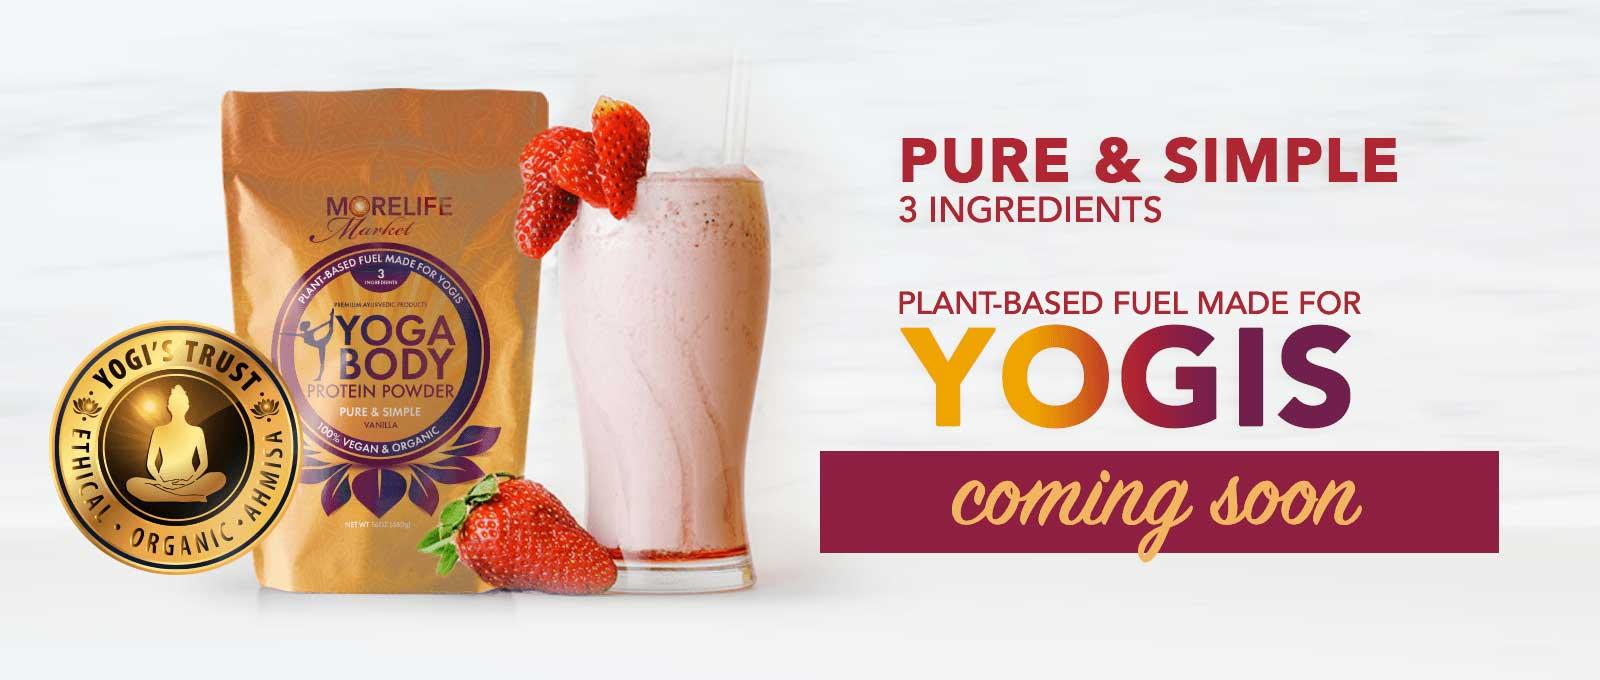 MoreLife Market Yoga Body Protein Powder, Strawberry Smoothie & Strawberries